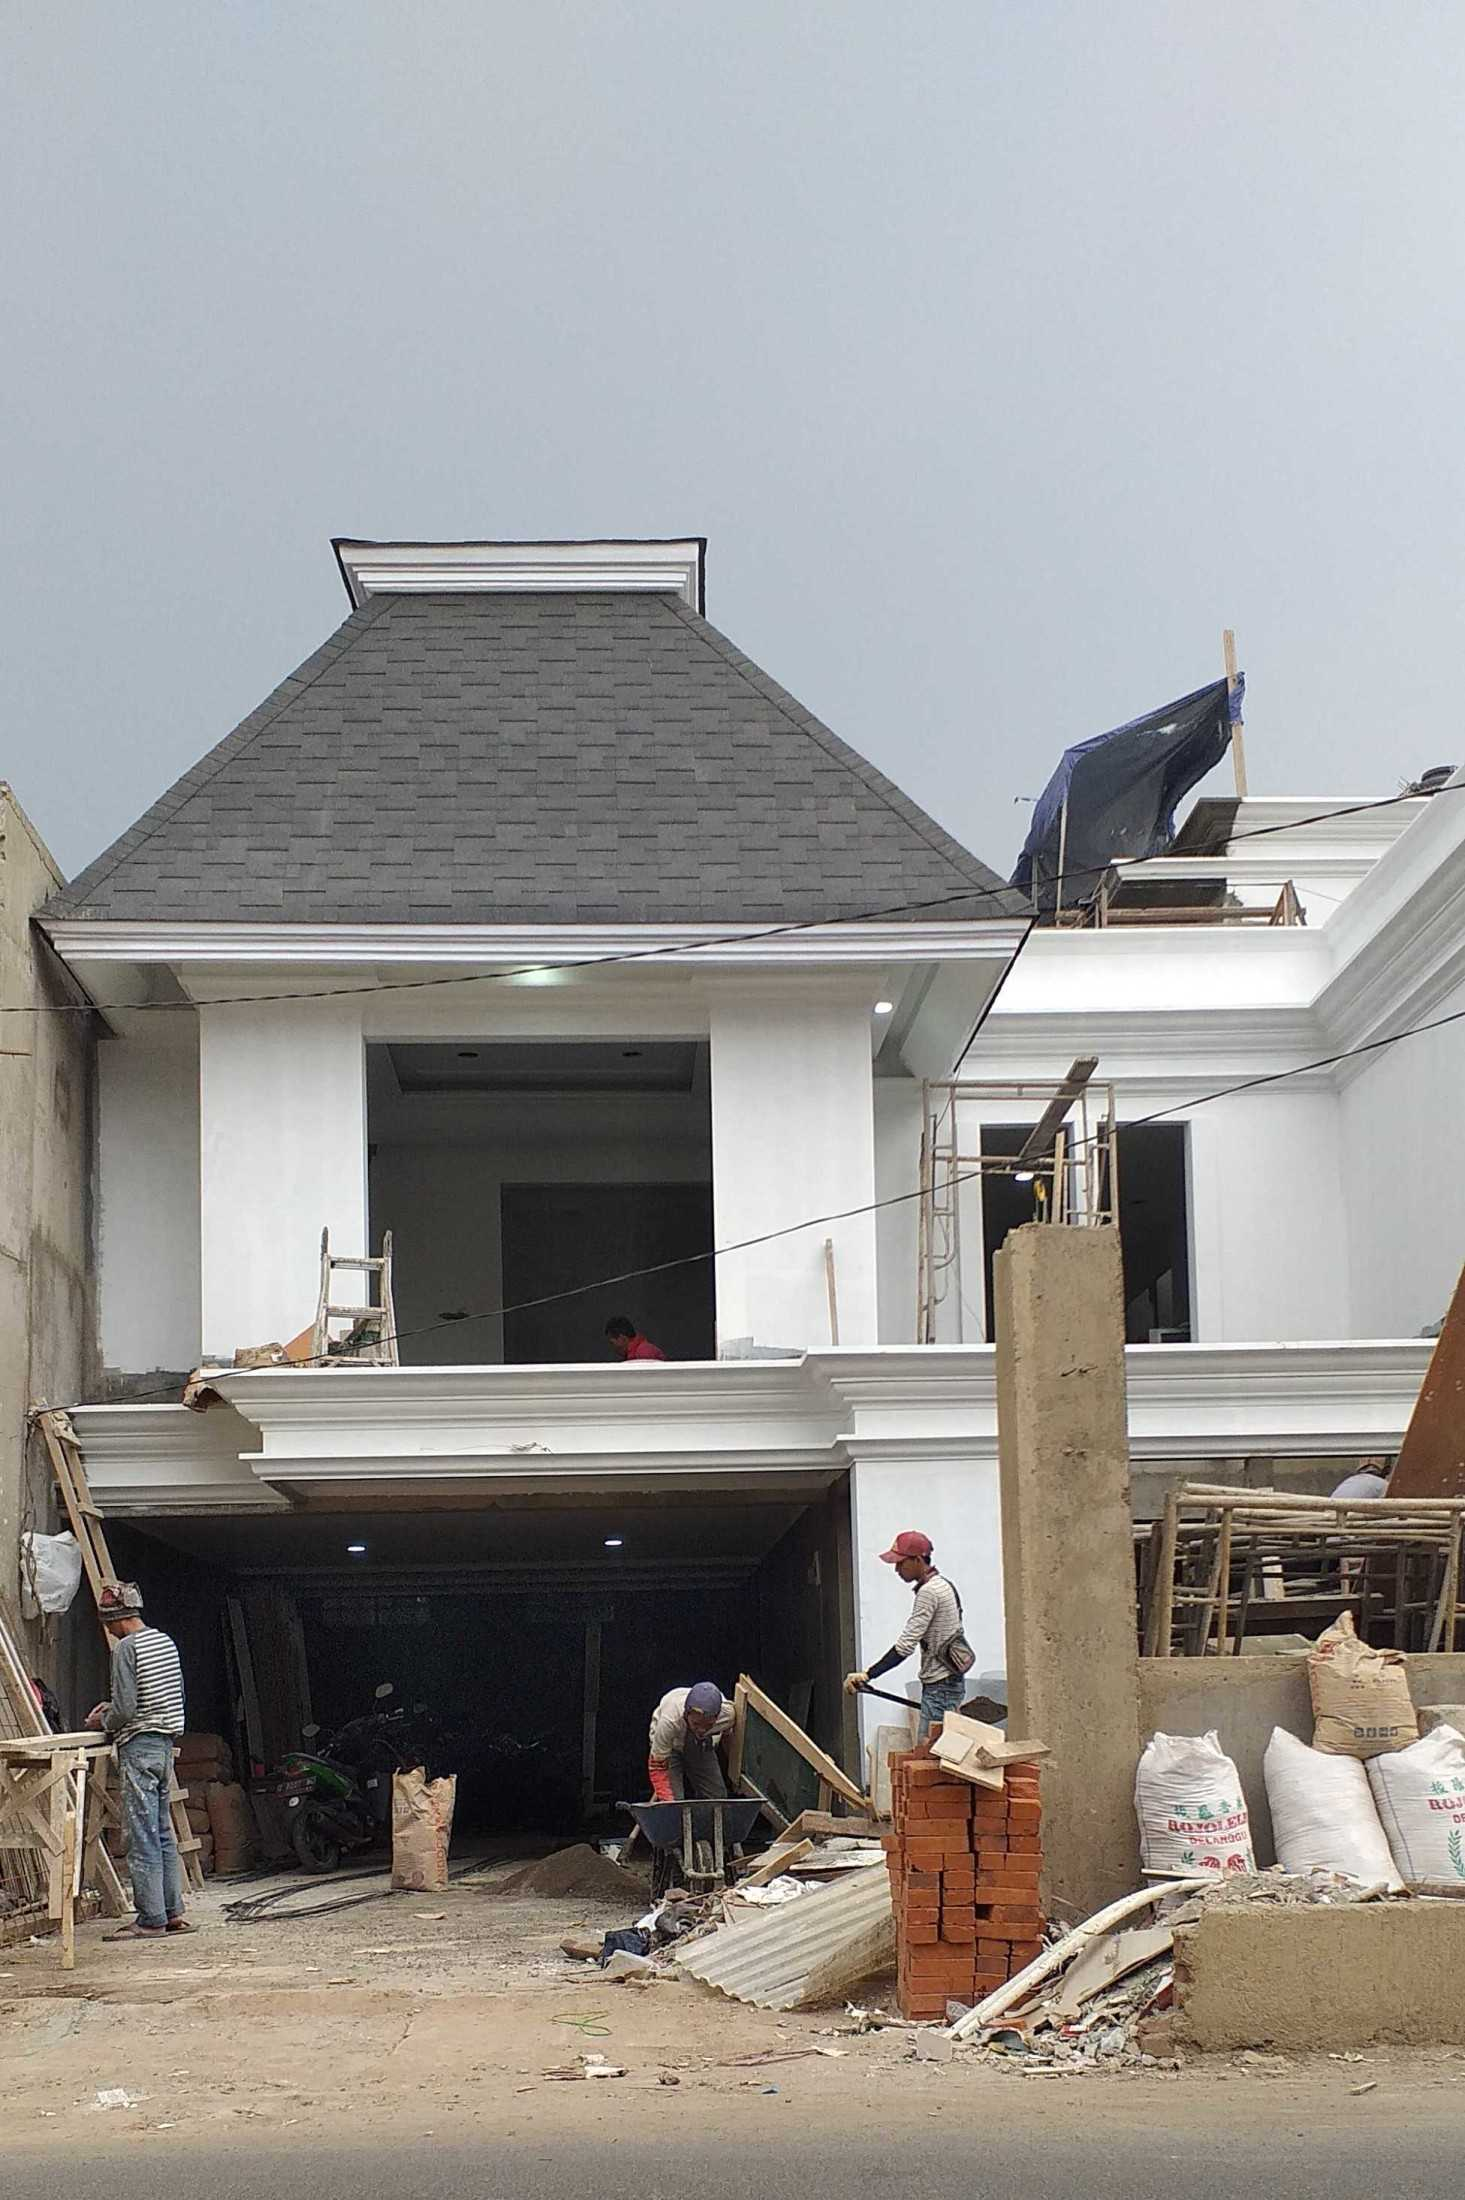 Himbar Buana Konstruksi Cs - House Kec. Margahayu, Bandung, Jawa Barat, Indonesia Kec. Margahayu, Bandung, Jawa Barat, Indonesia Himbar-Buana-Konstruksi-Cs-House  73092